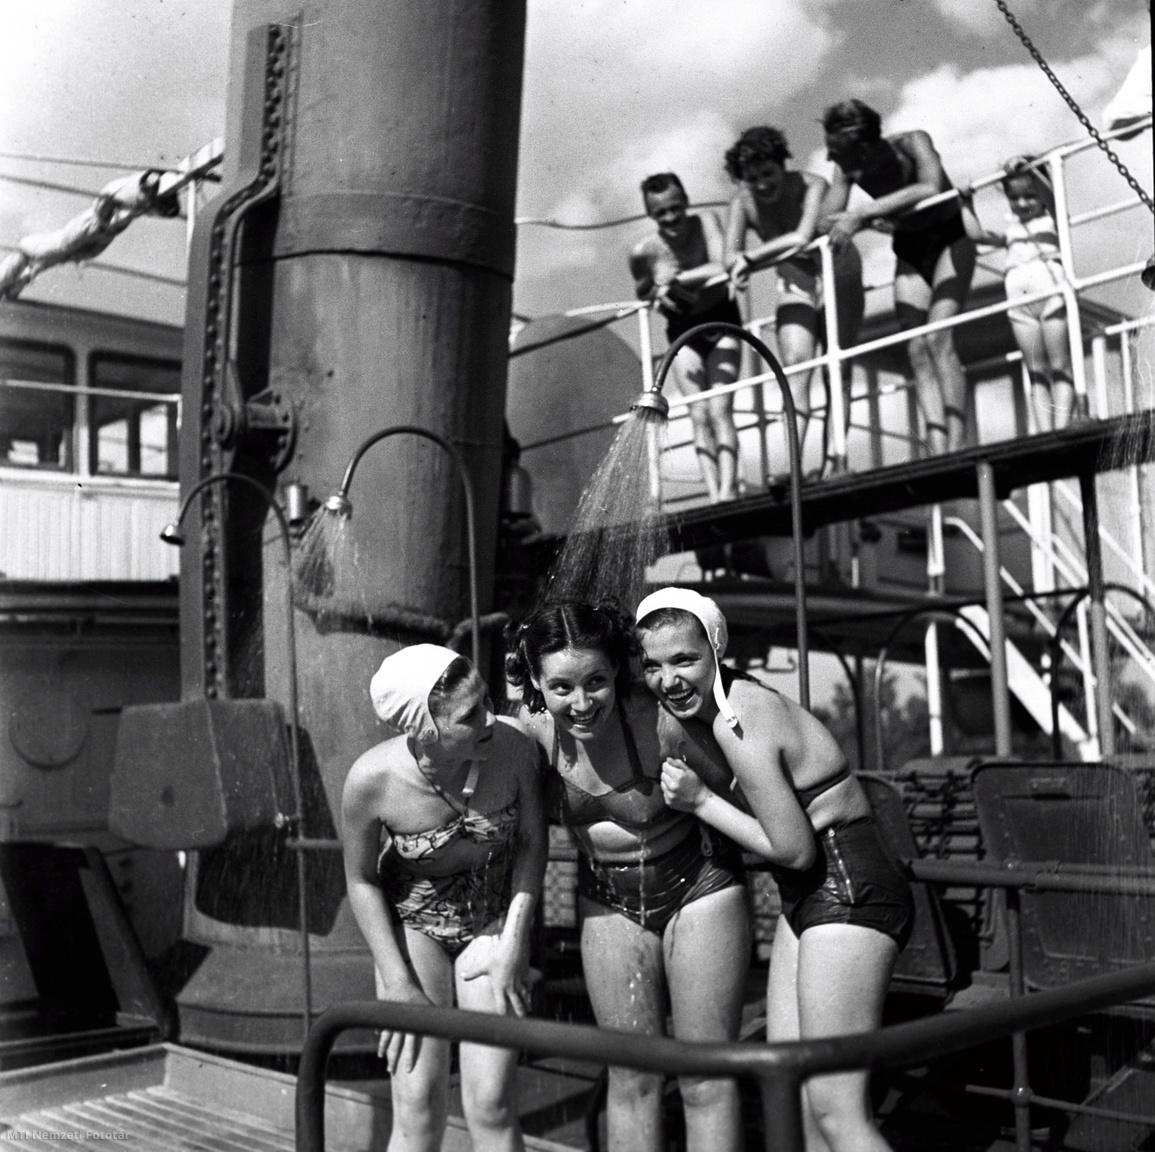 Budapest 1950. július Fiatalok a Felszabadulás gőzhajó fedélzetén, melyen üdültetési céllal strandot alakítottak ki. A felvétel készítésének pontos ideje ismeretlen.